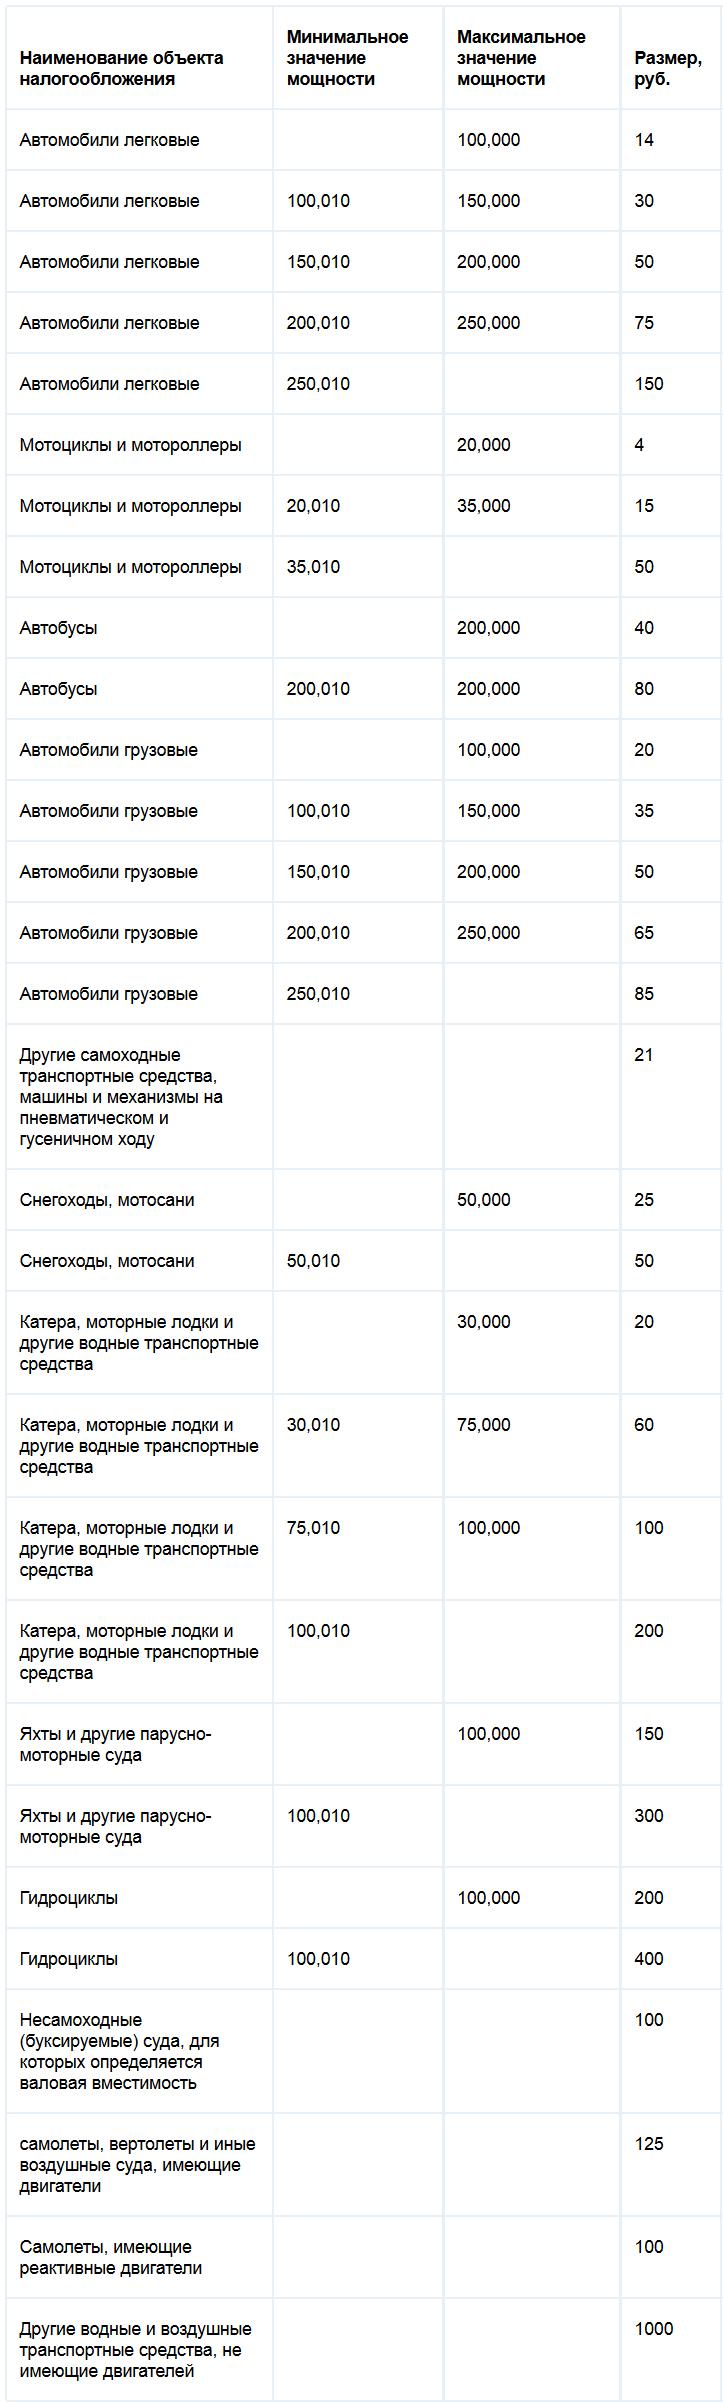 Образцы заполнения заявления в санаторий для пенсионера мо